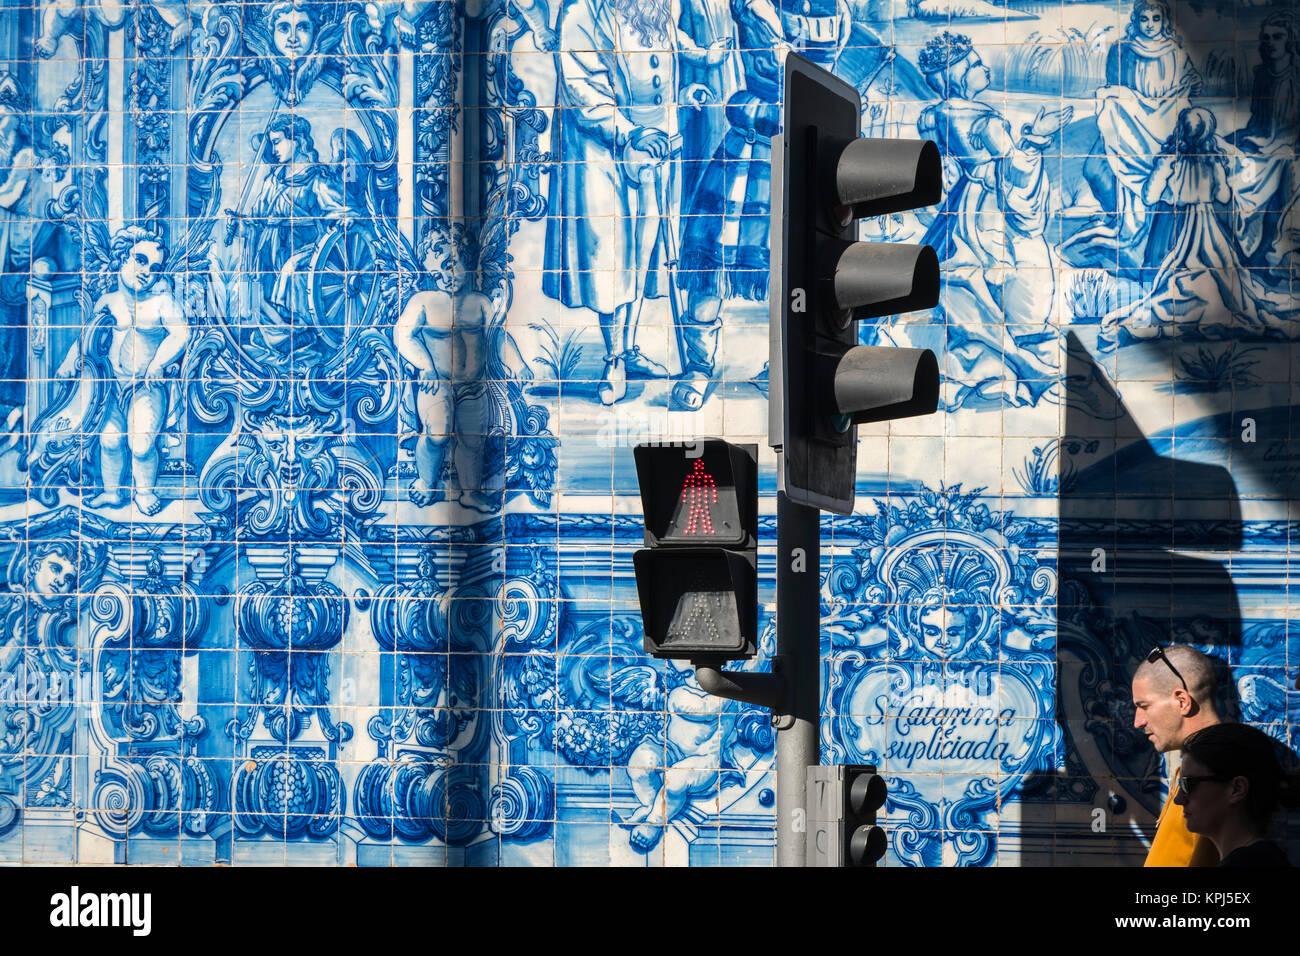 Tradizionale blu smaltata dececorated piastrelle azulejos sull